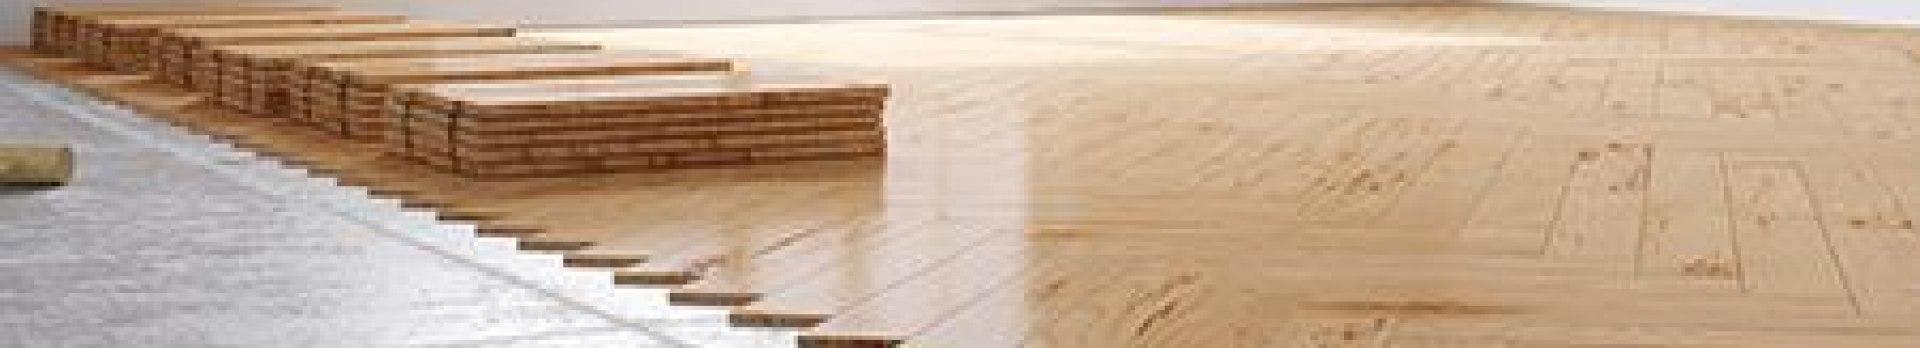 Choose the top design of parquet flooring in Dubai